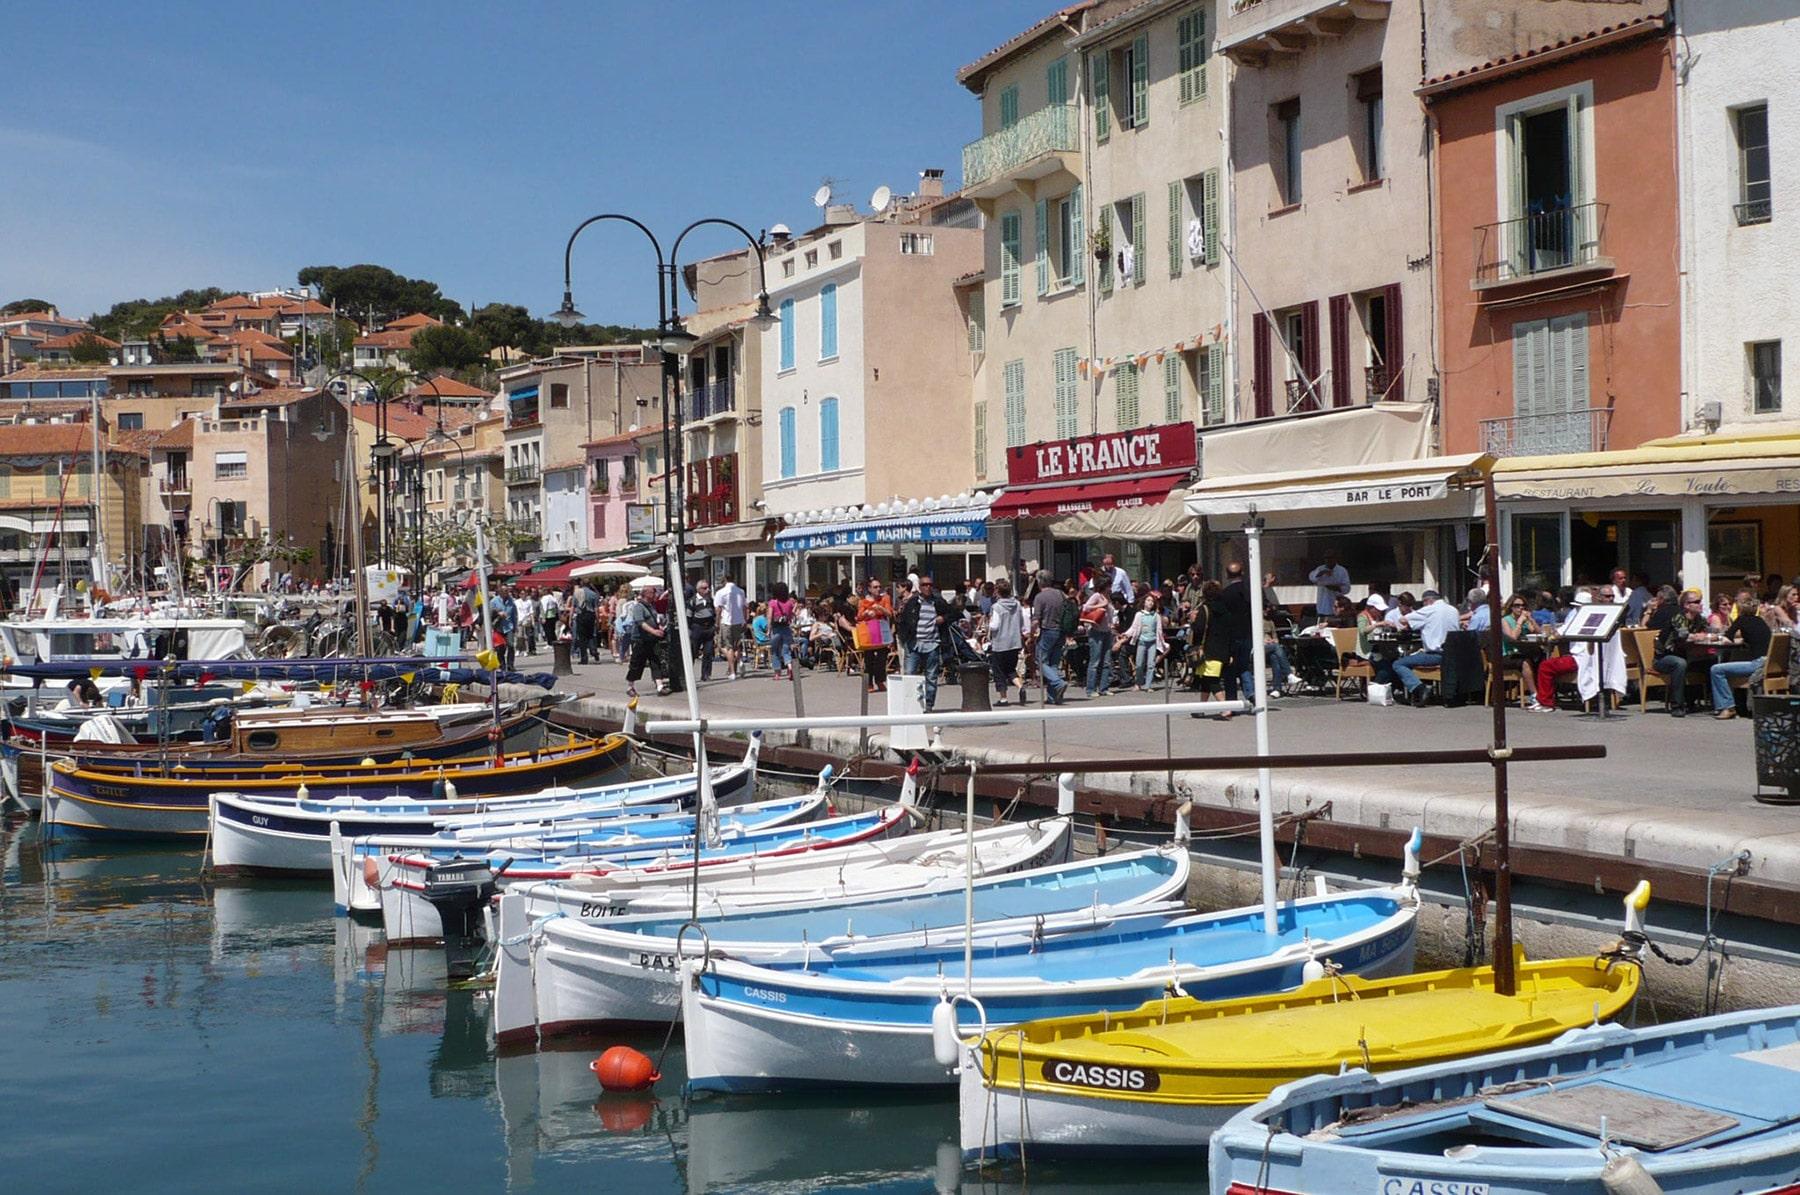 Week end marseille quelques activit s ne pas manquer - Week end port aventura tout compris pas cher ...